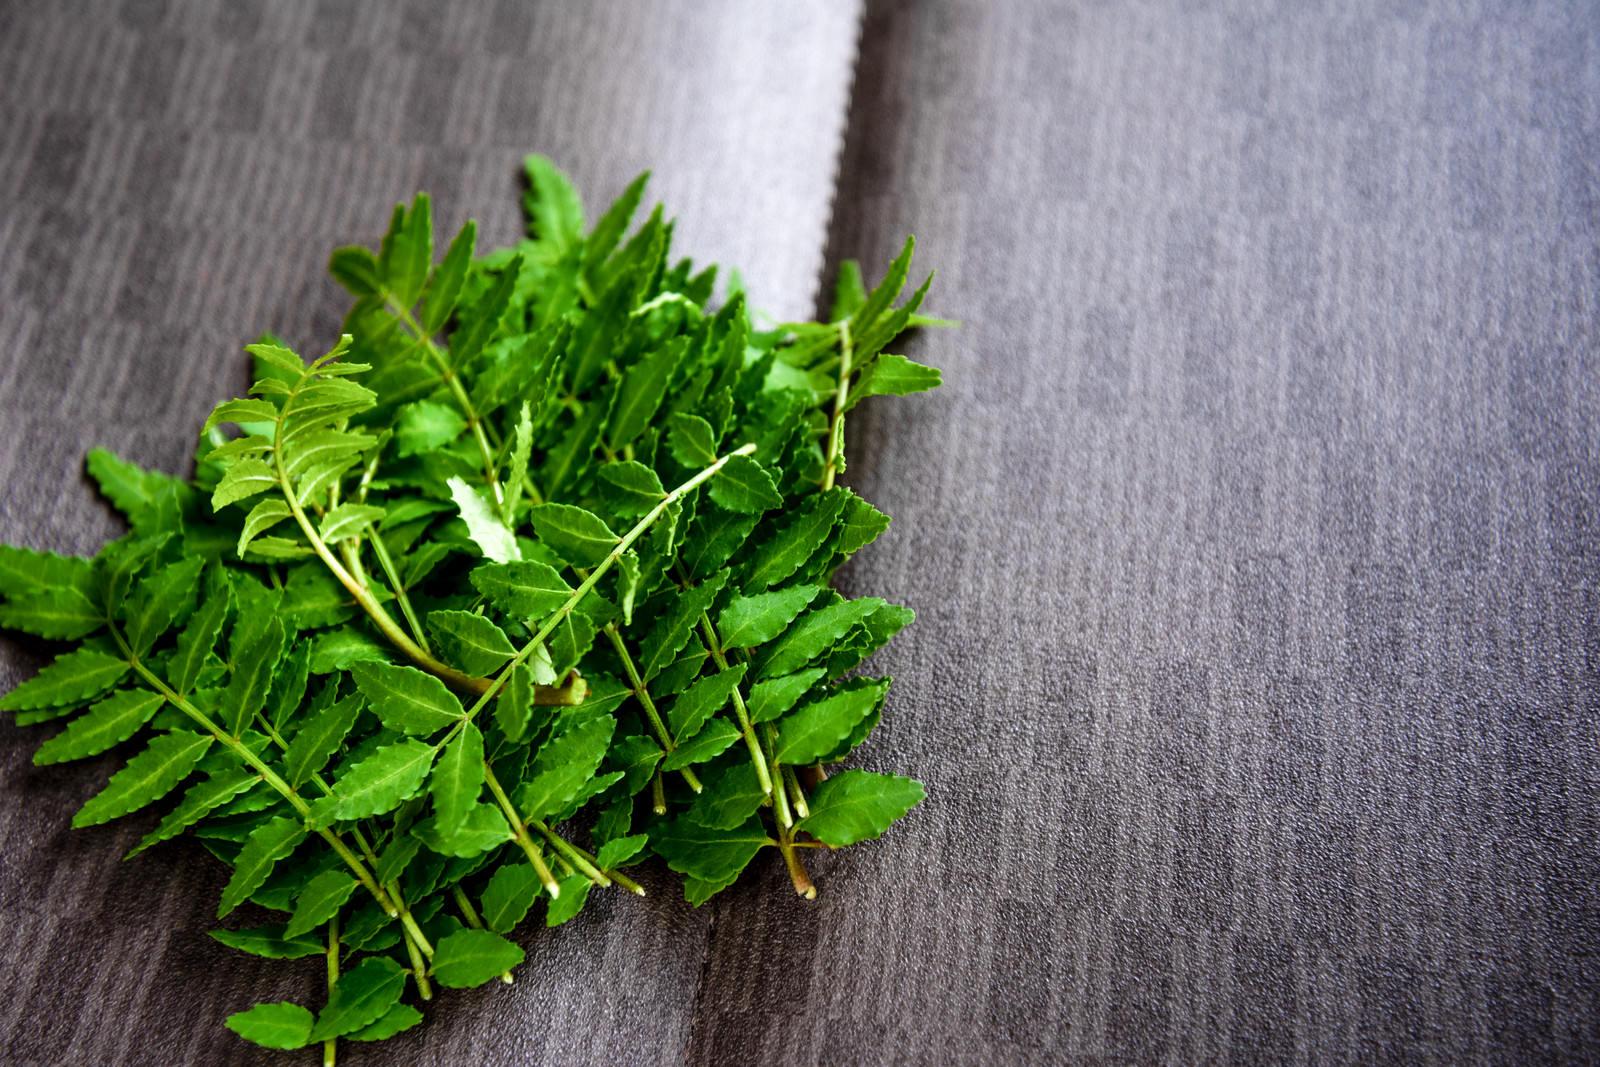 「摘んだばかりの山椒の葉」の写真